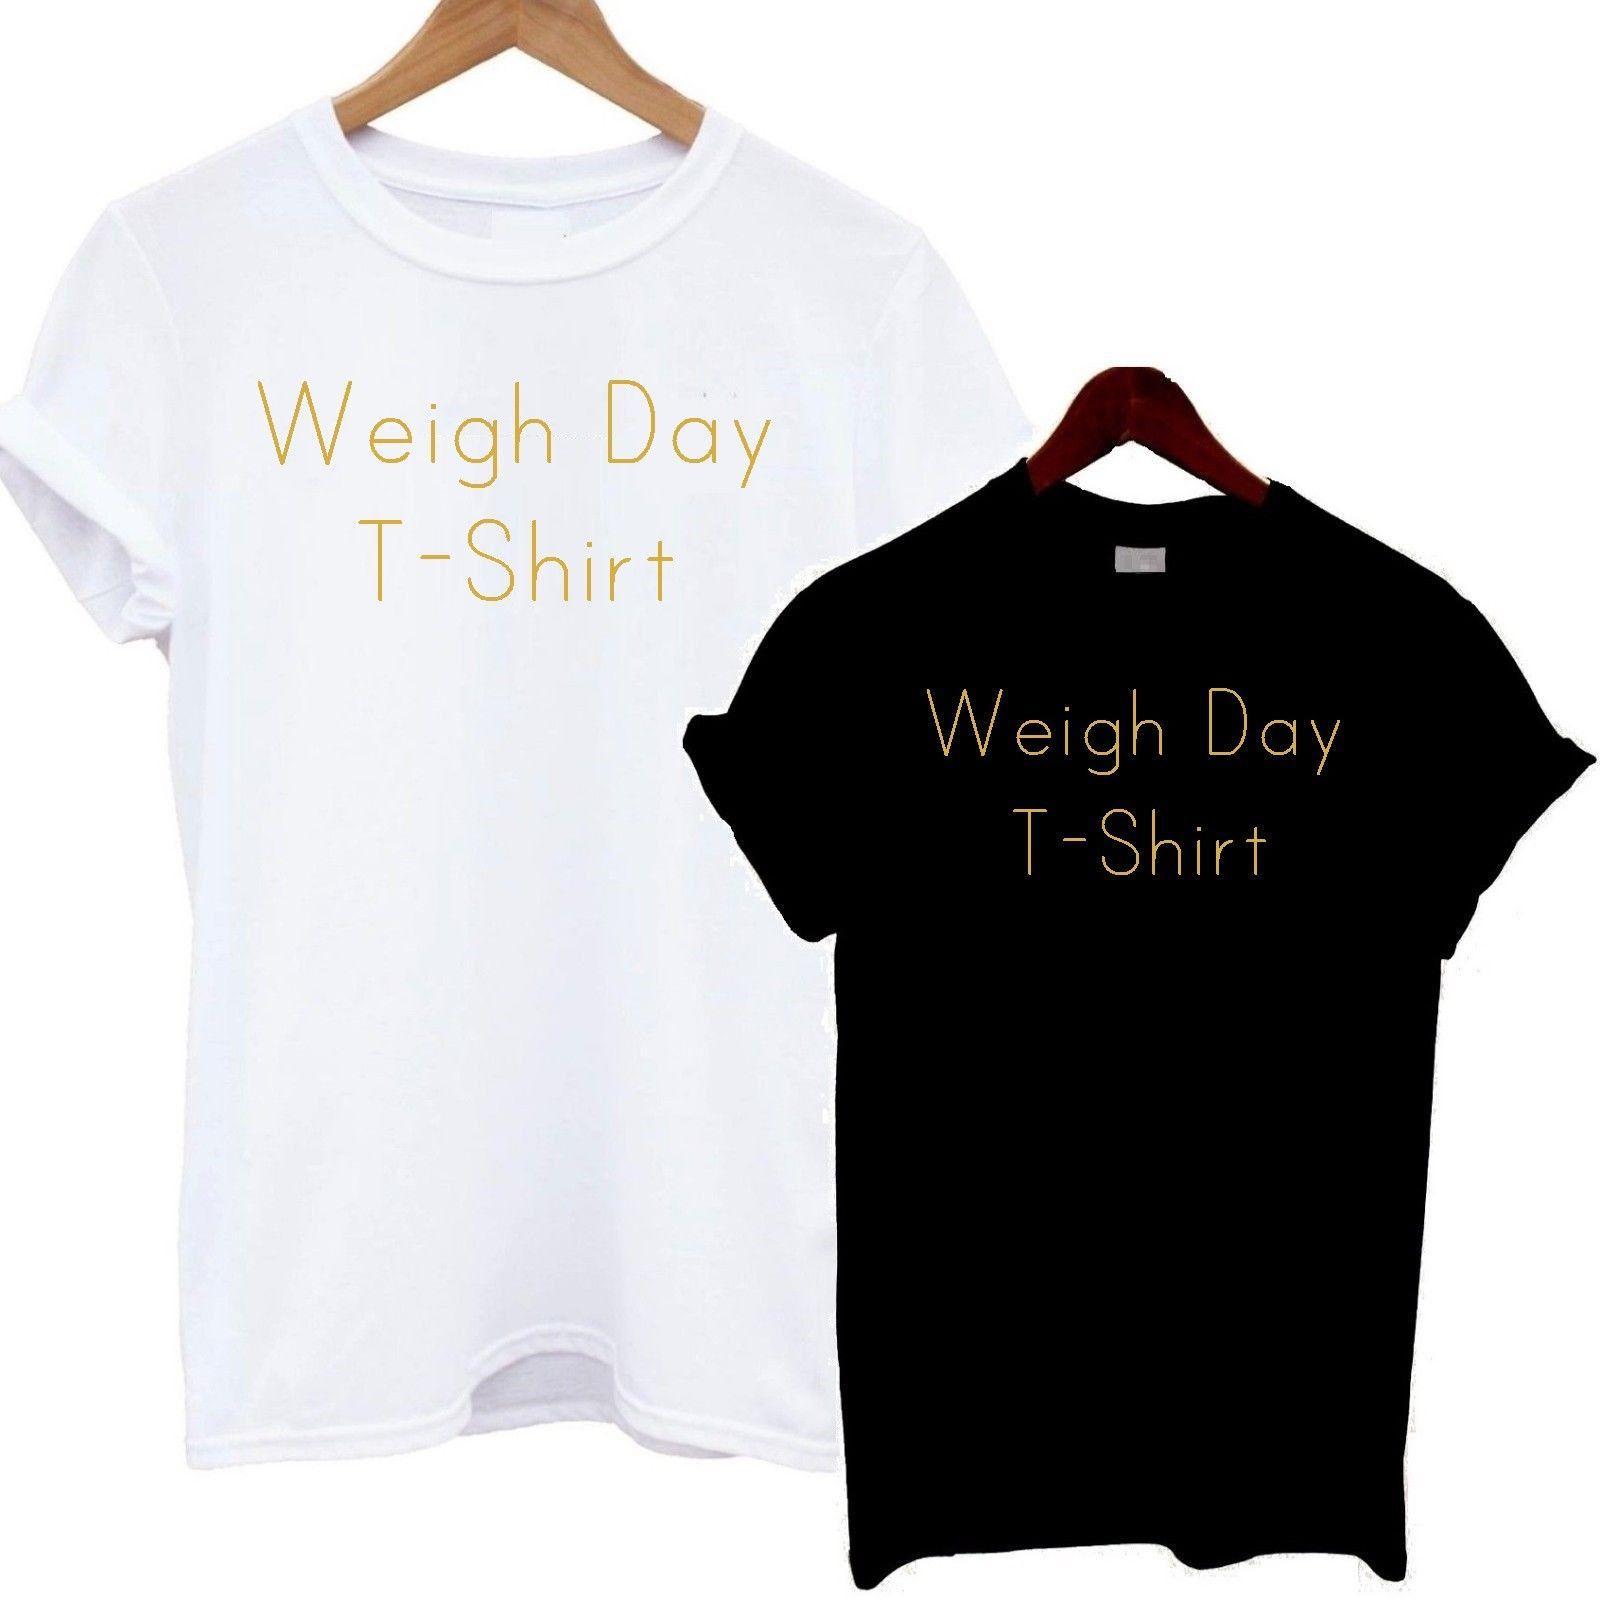 Weigh Day T Shirt Gold Print Tee Top Cute Slogan Fashion Love Gym